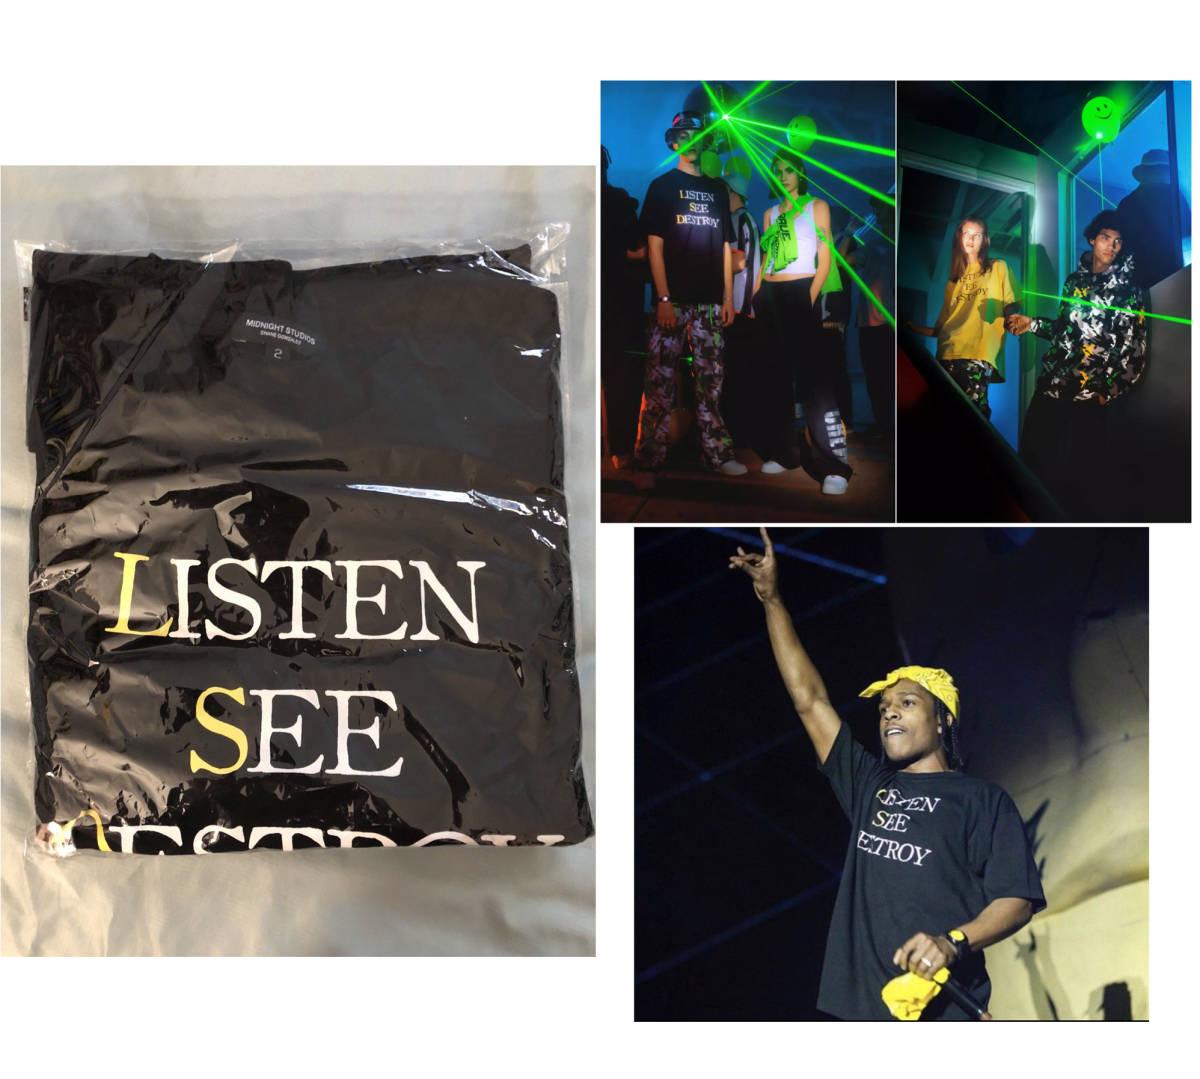 本物レア【即決】Midnight Rave Tシャツ LSD listen see destroy 新品タグ付き サイズ2 黒 L ASAP ROCKY着用 AWGE Midnight studios_画像1